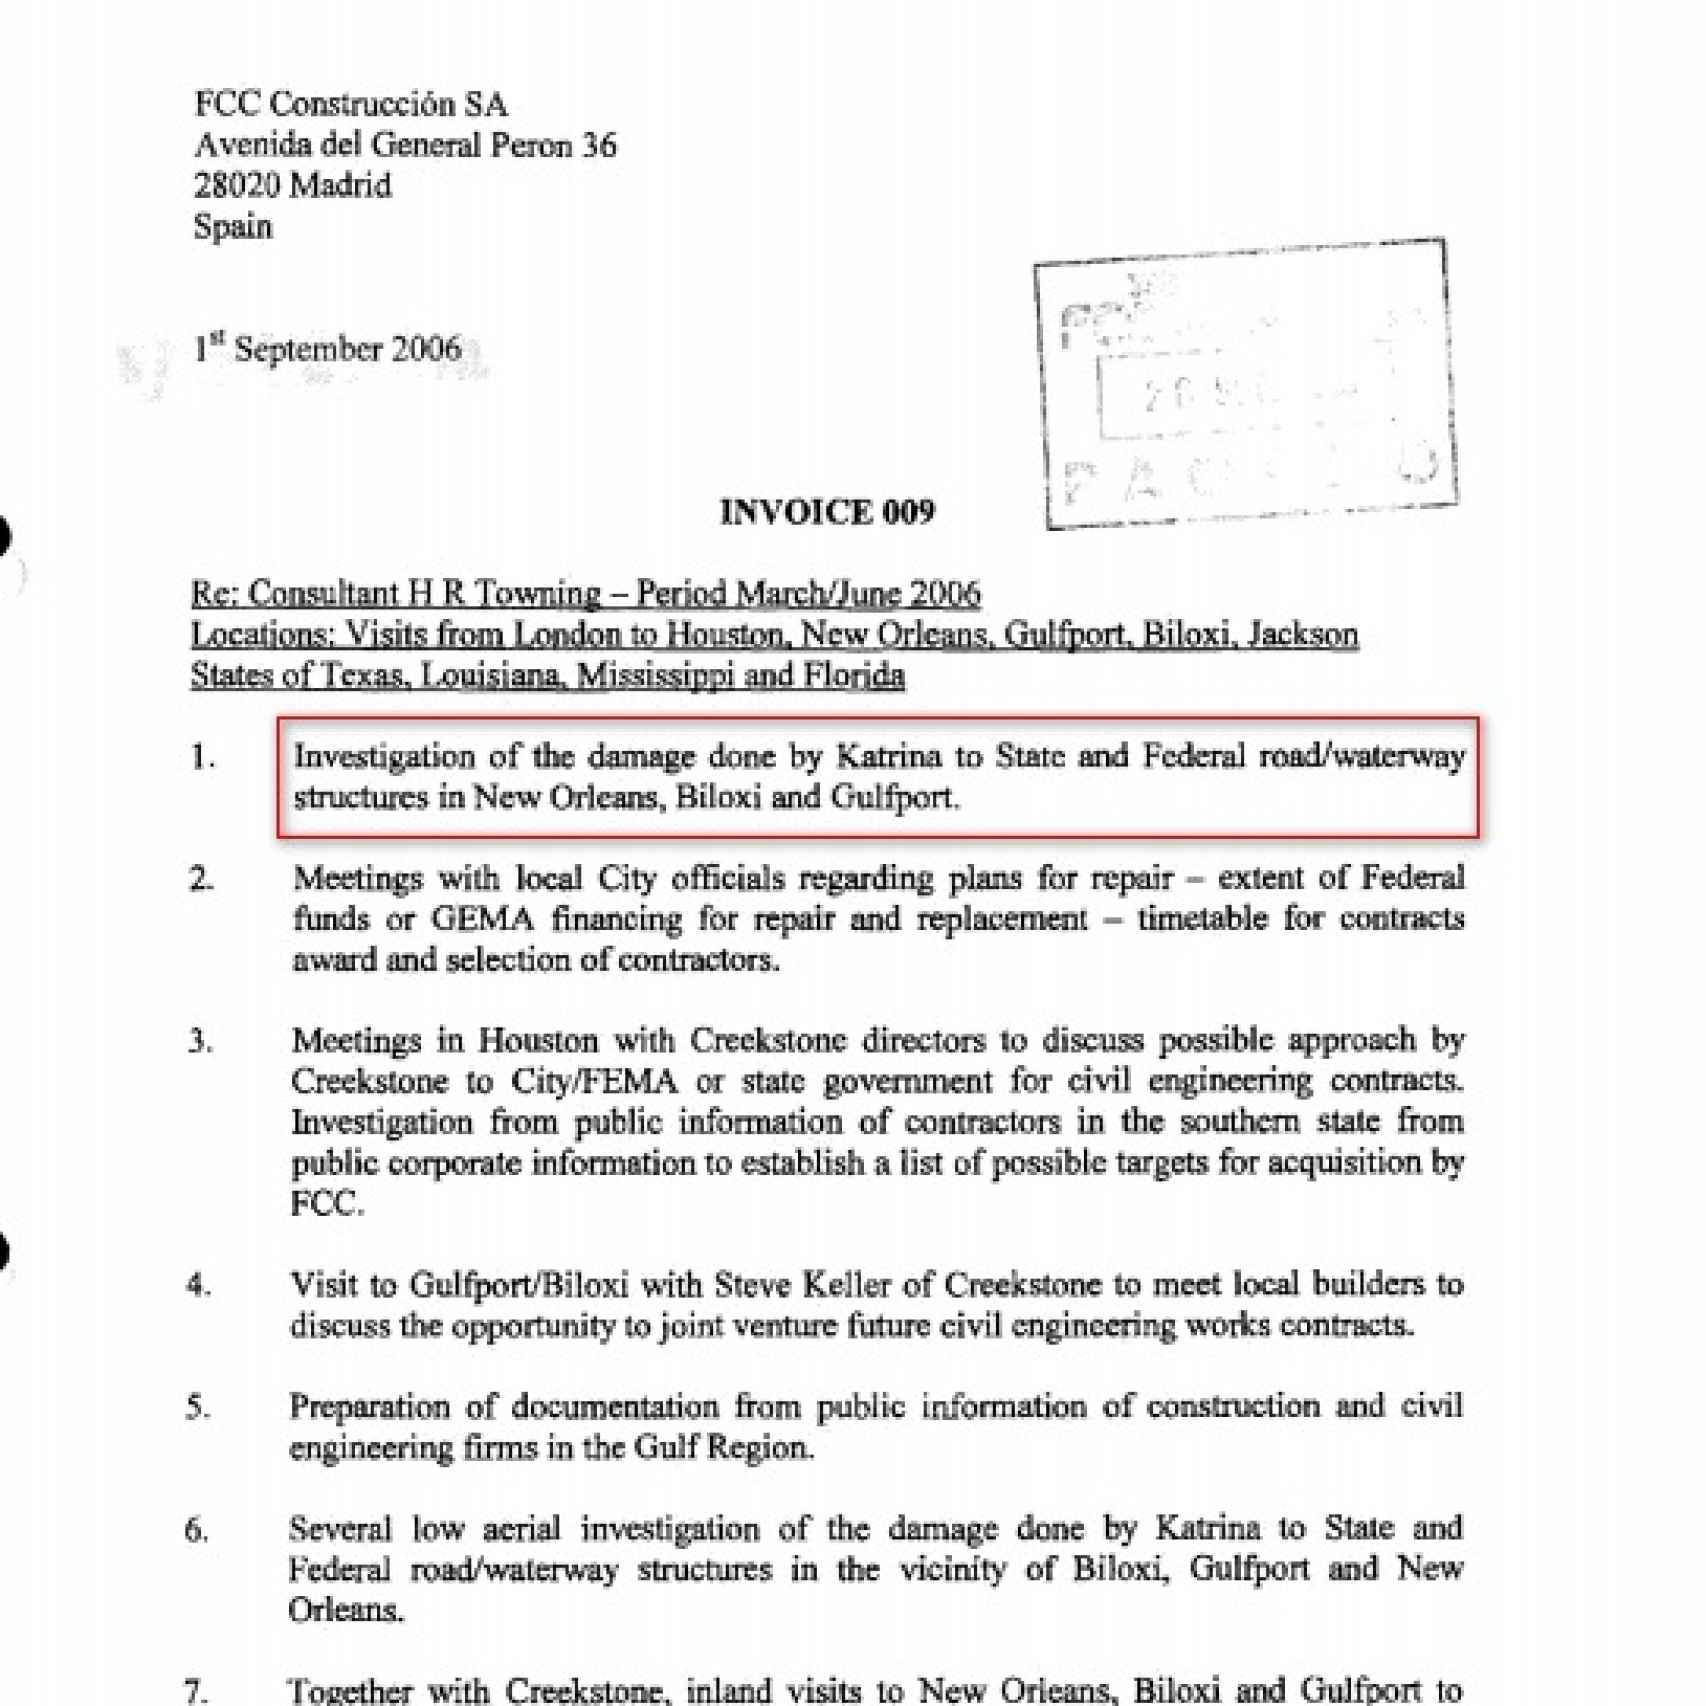 Factura de 35.000 dólares de Brantridge a FCC por investigar los daños del Katrina.